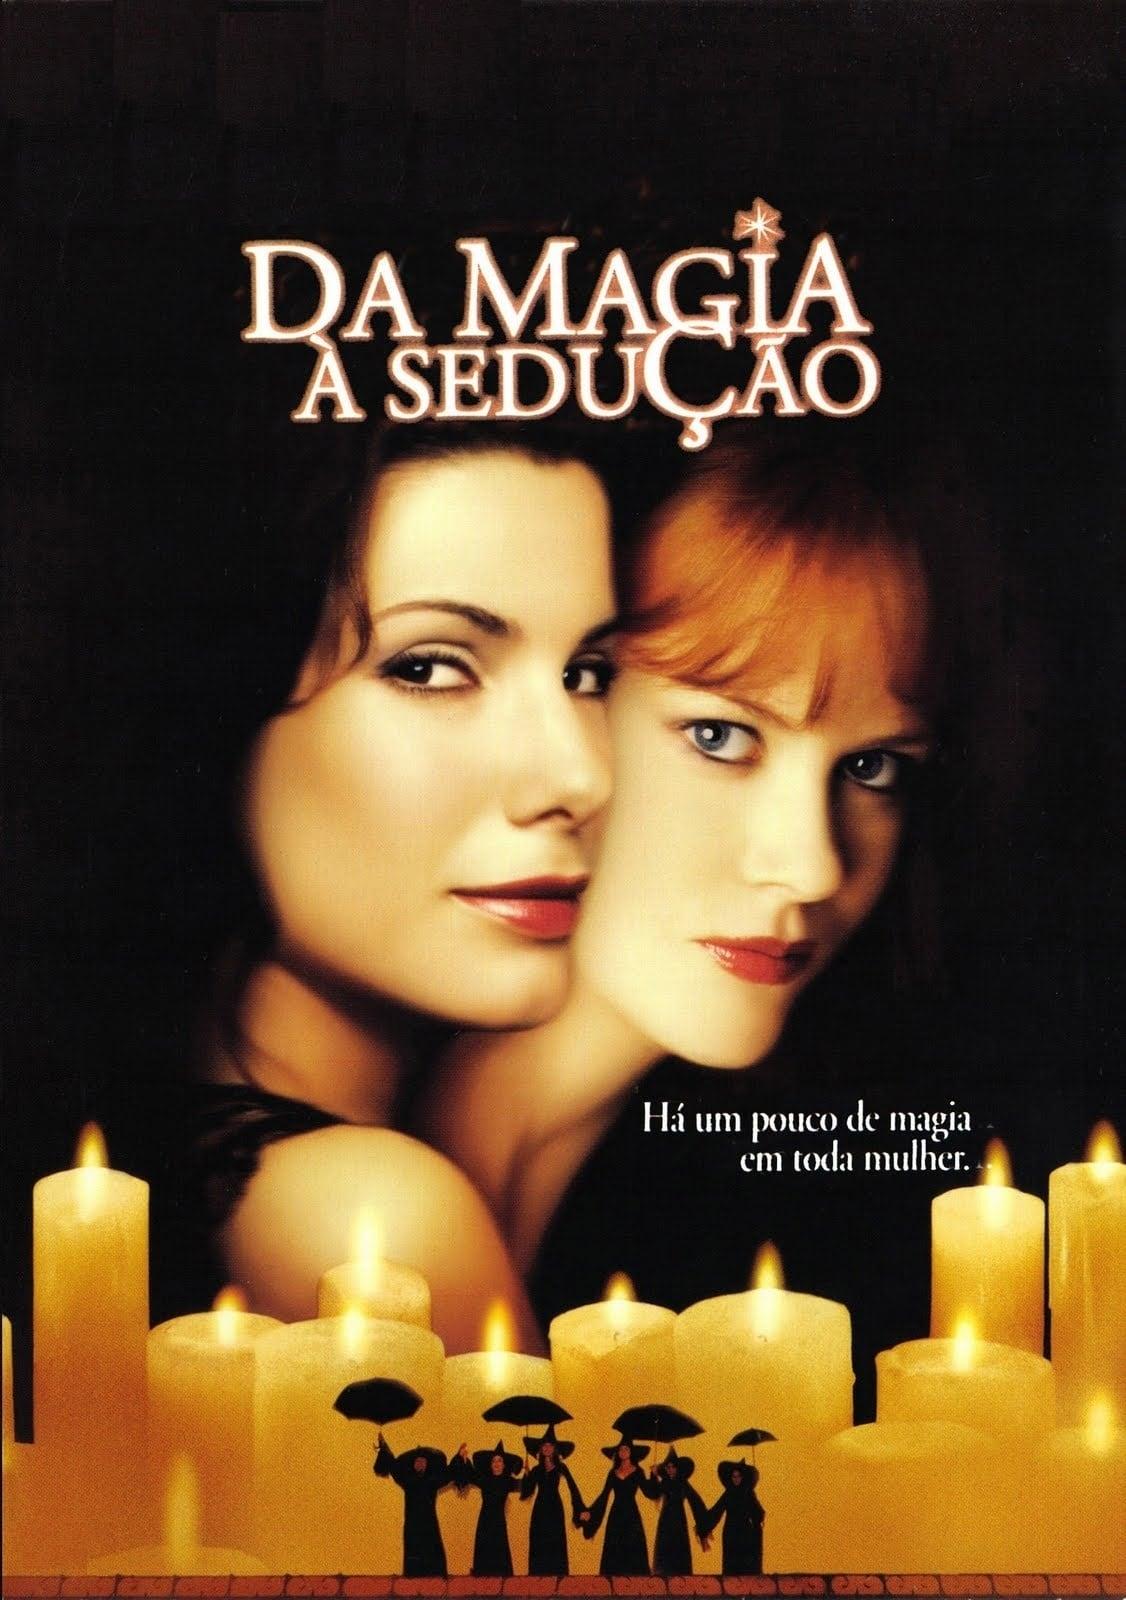 Assistir Da Magia A Seducao Dublado Online Filmes E Series Online